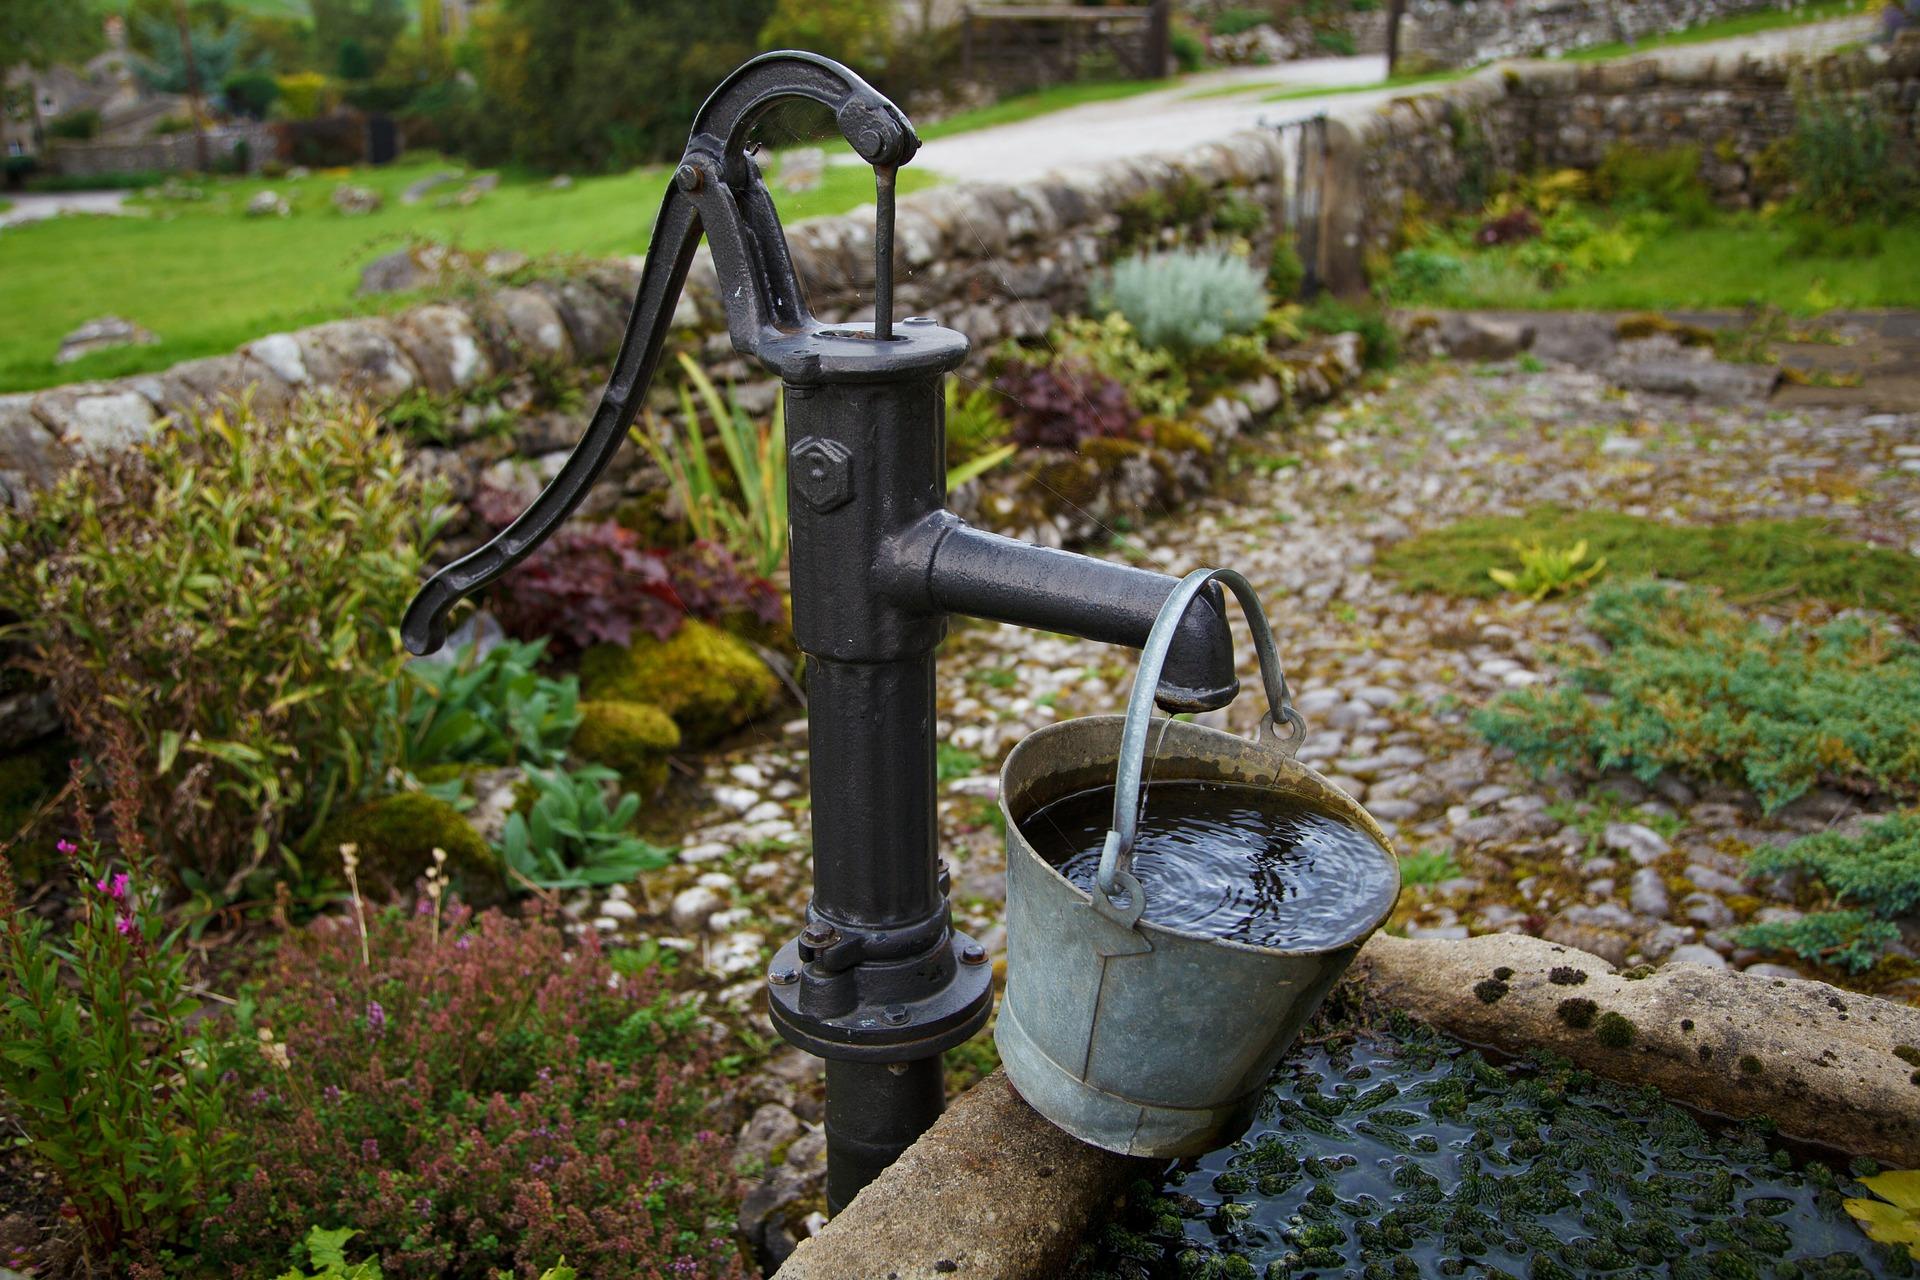 water filteren - drink nooit ongezuiverd water